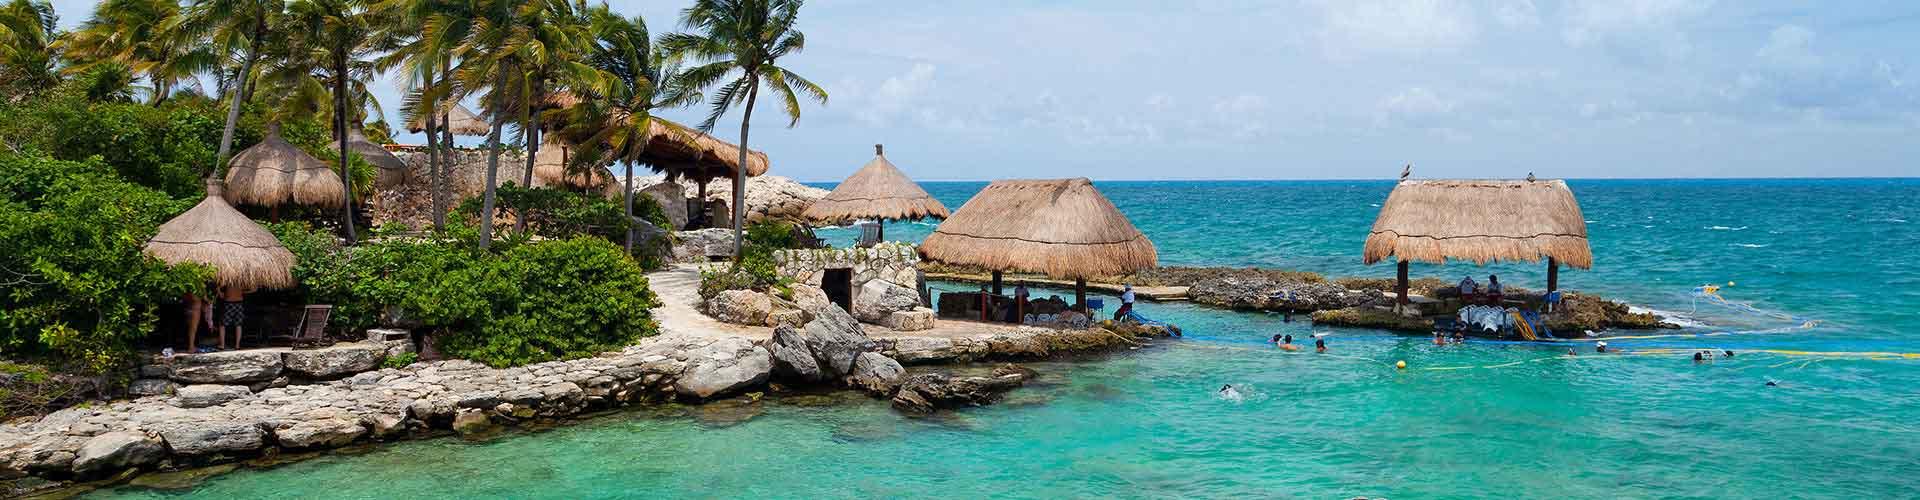 Cancún - Hostelů v Cancún. Mapy pro Cancún, fotky a recenze pro každý hostel v Cancún.